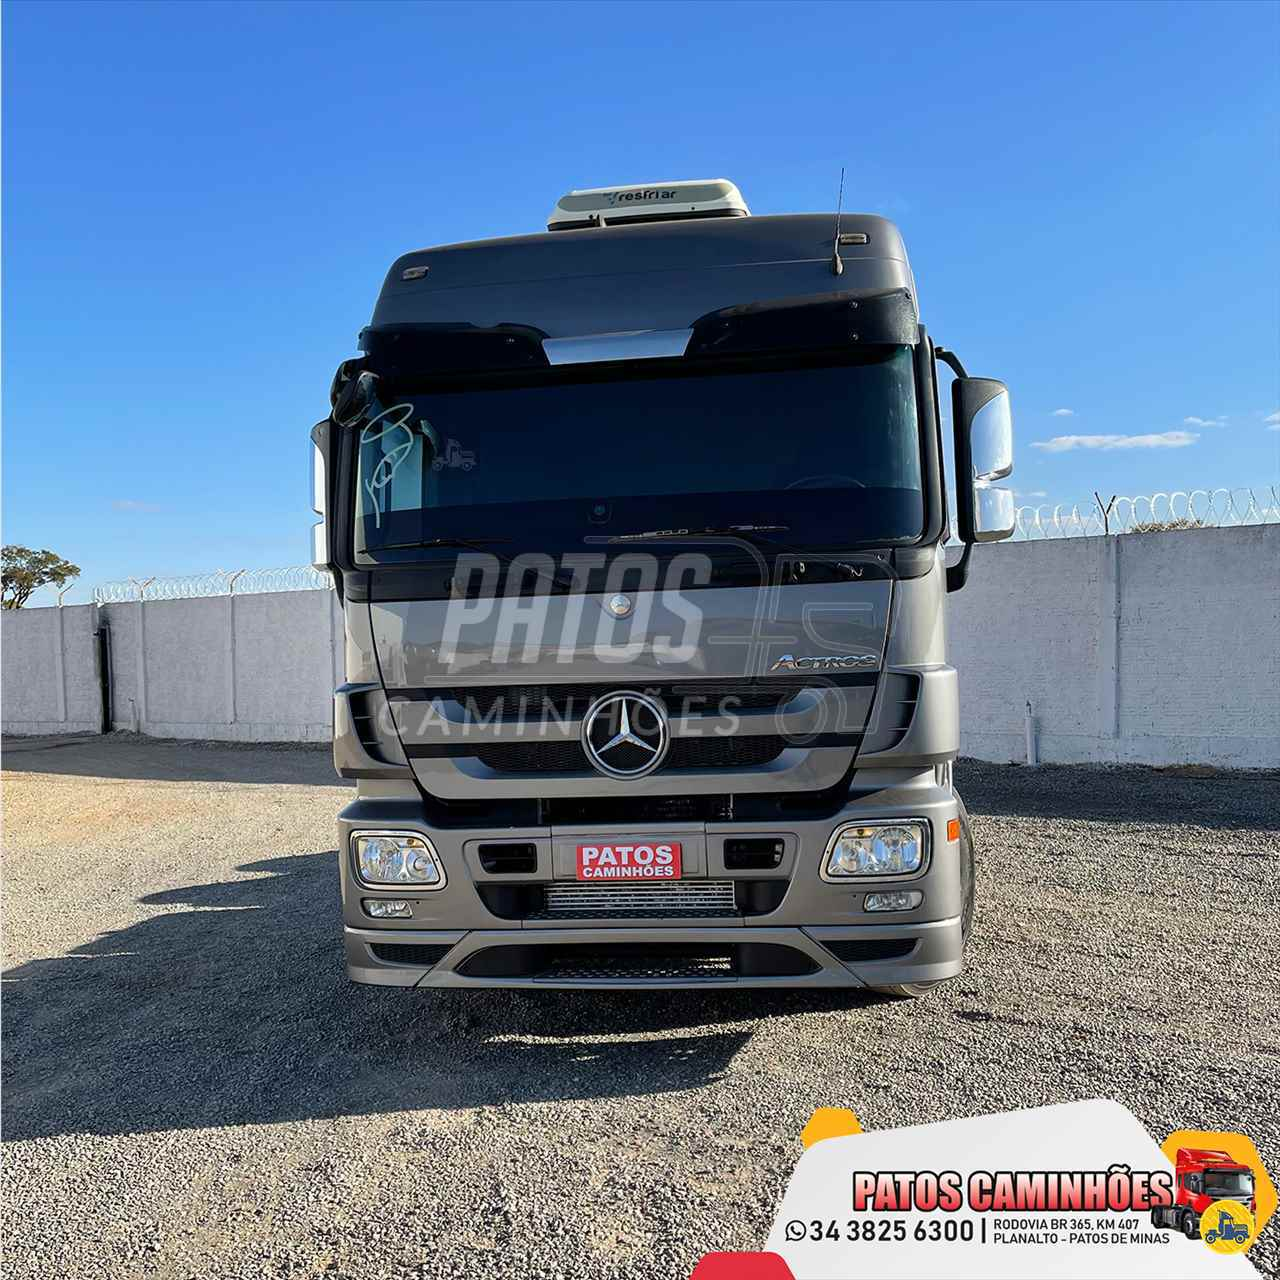 CAMINHAO MERCEDES-BENZ MB 2646 Cavalo Mecânico Traçado 6x4 Patos Caminhões PATOS DE MINAS MINAS GERAIS MG